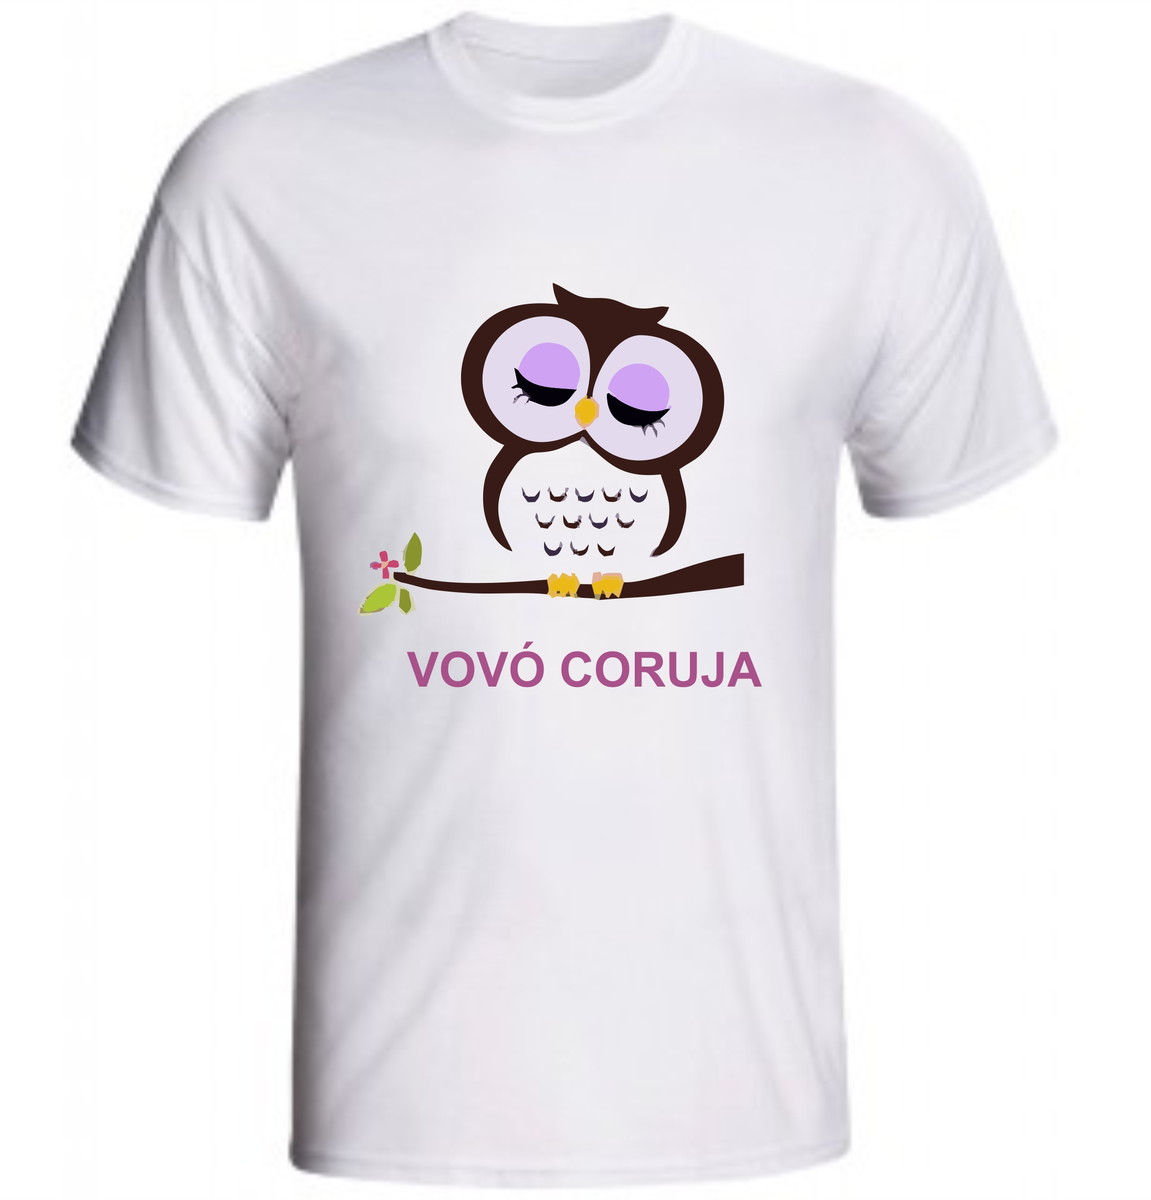 bdfead553 Camiseta Vovó Coruja no Elo7 | Lv Adesivos e Estampas (74D776)